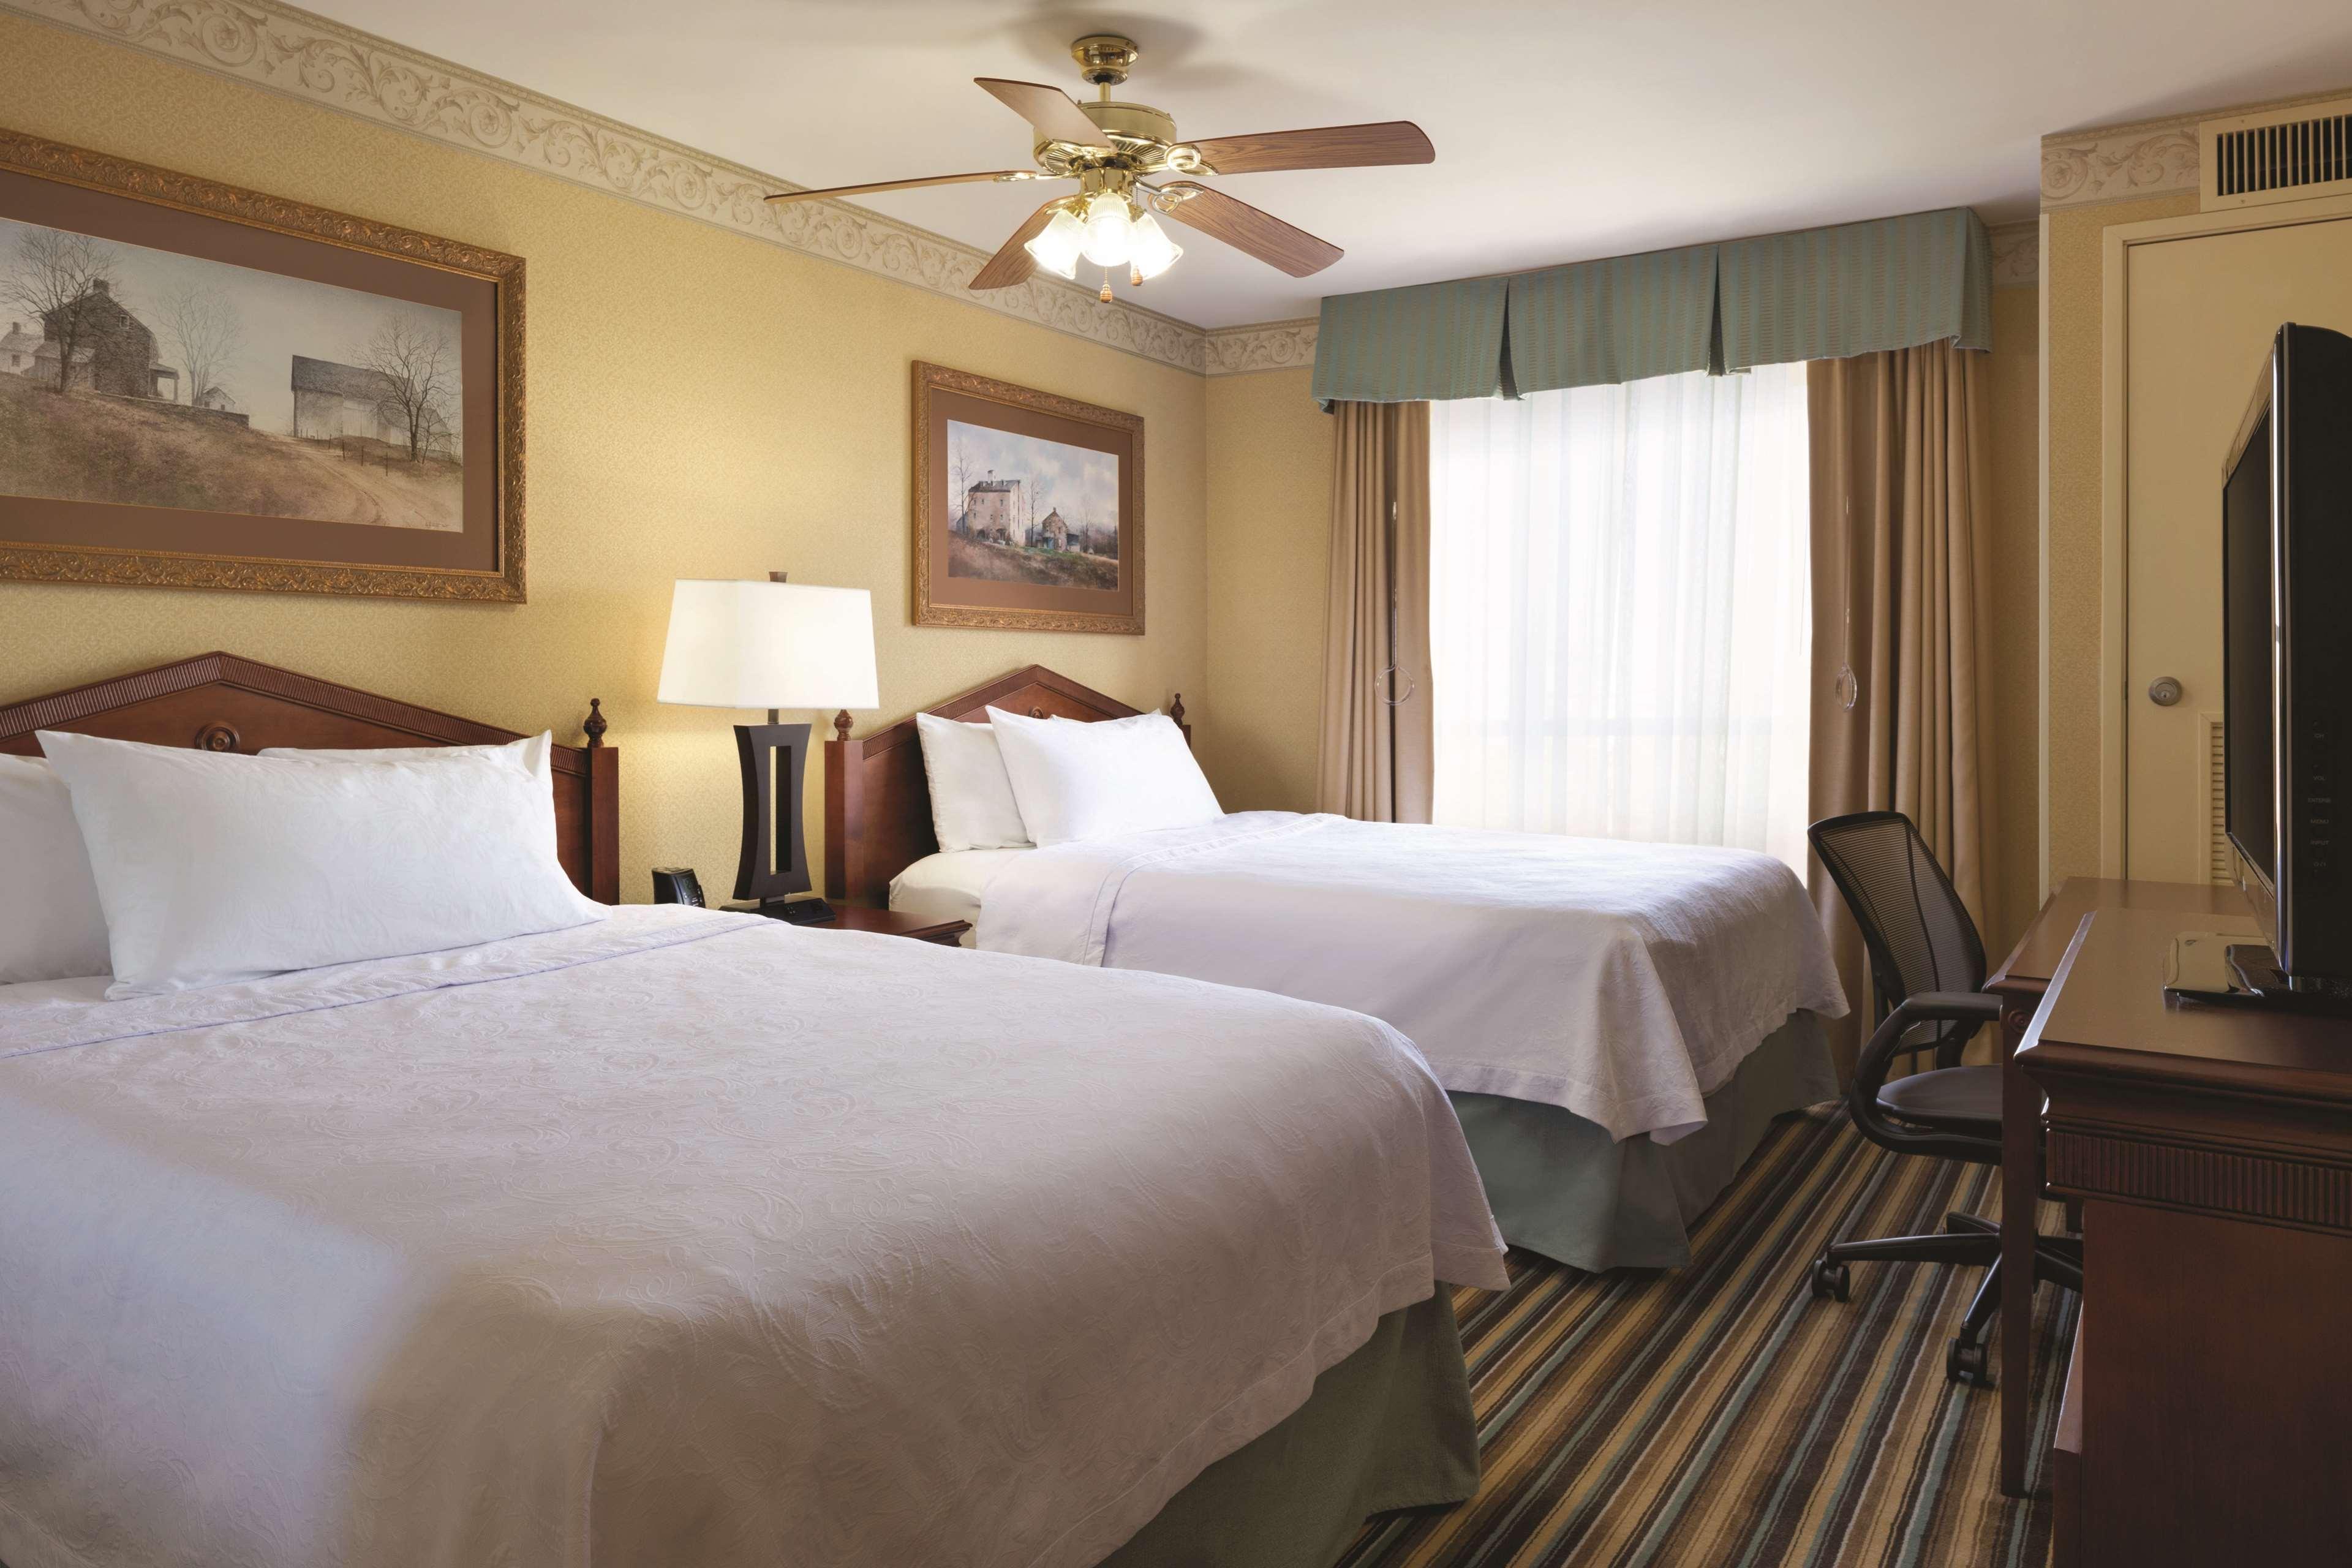 Homewood Suites by Hilton Detroit-Troy image 30